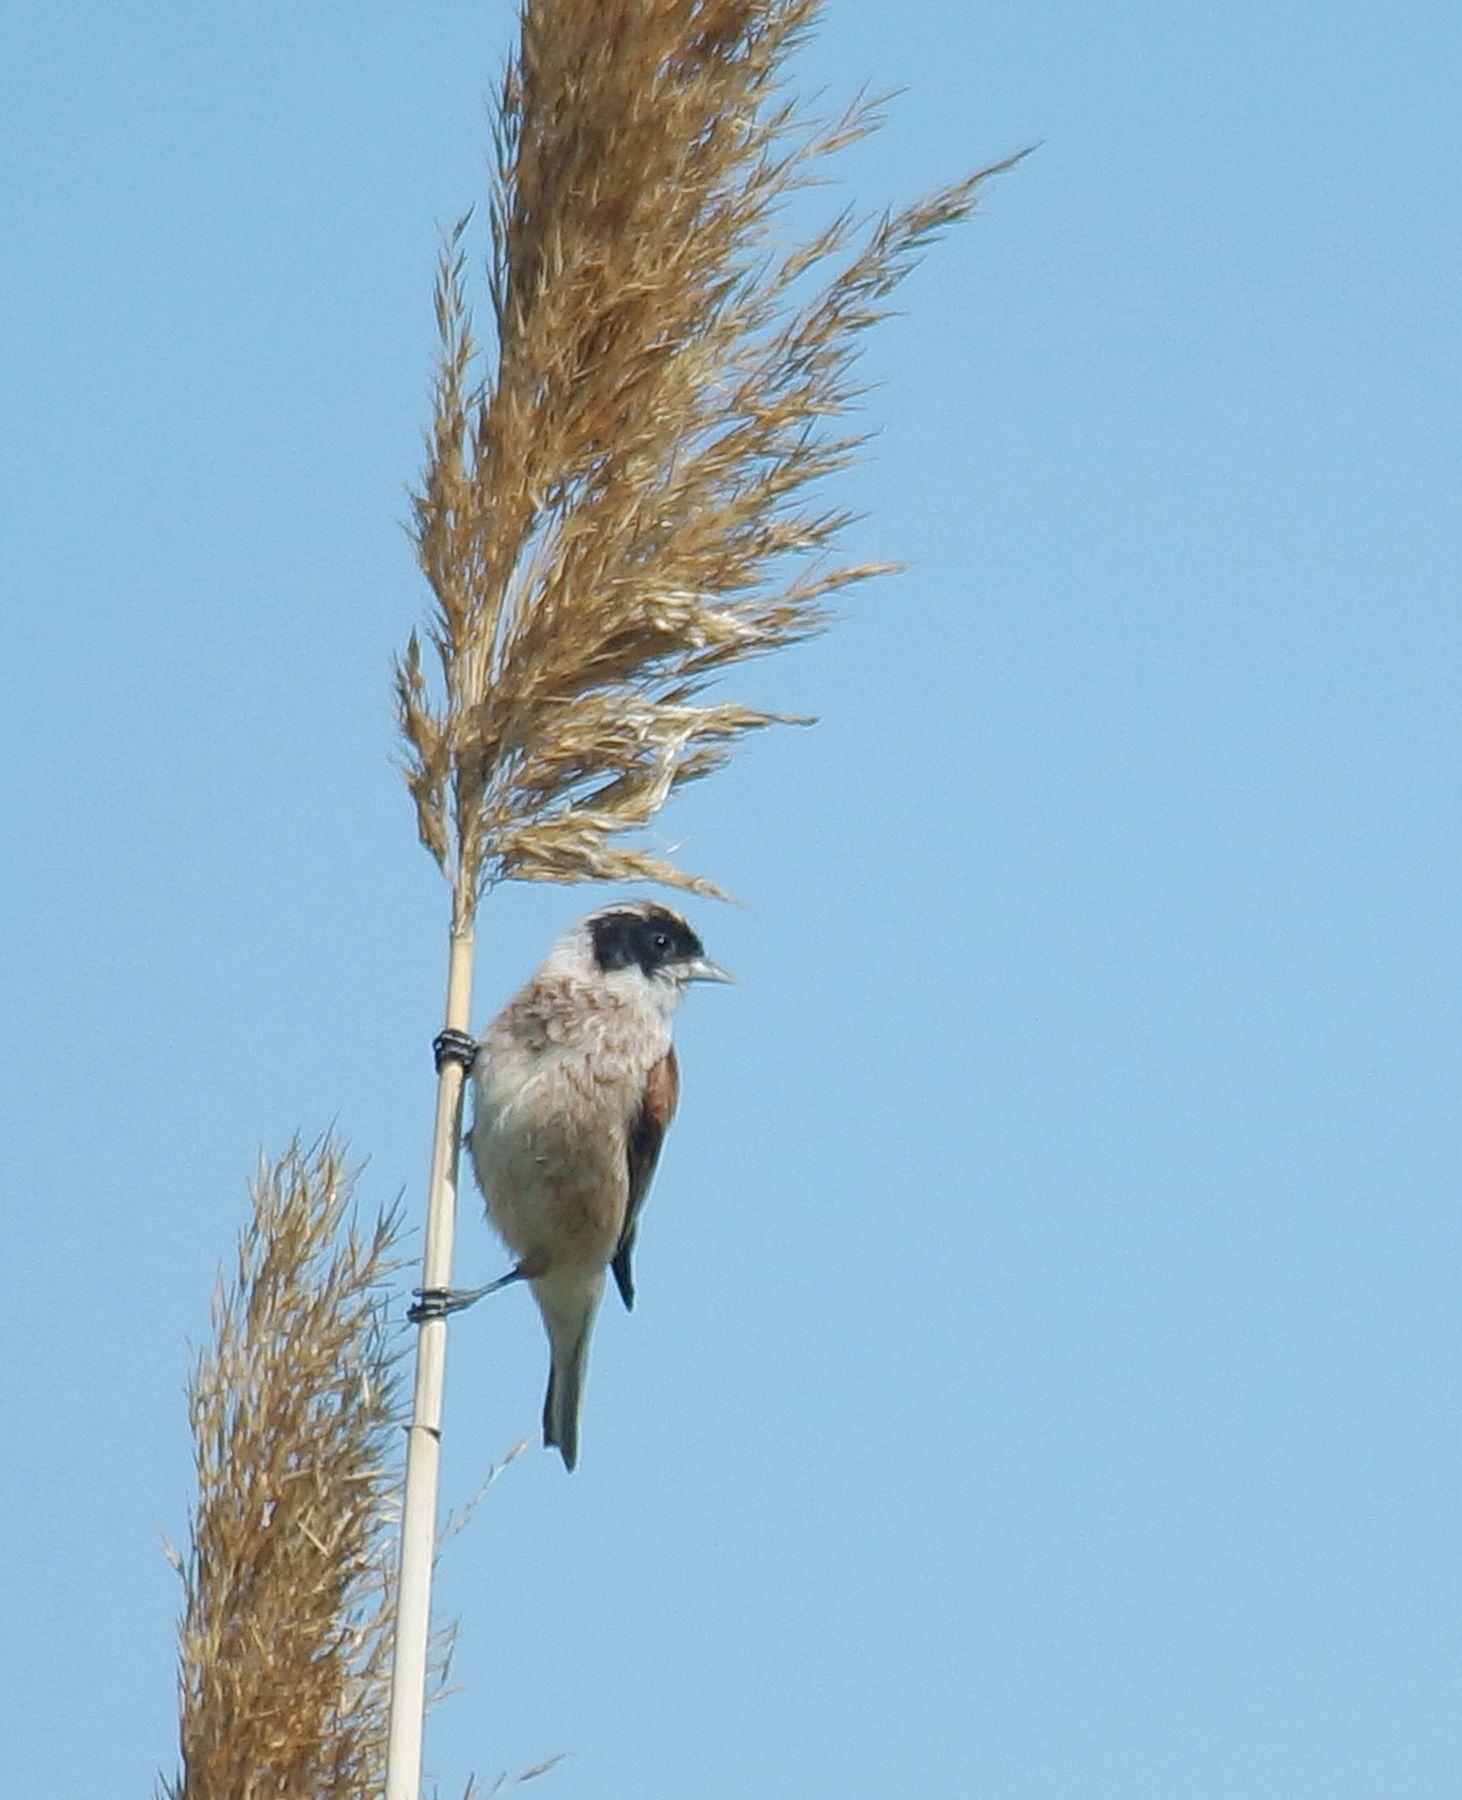 Ремез на веточке Лето птицы ремез обыкновенный Волгоград